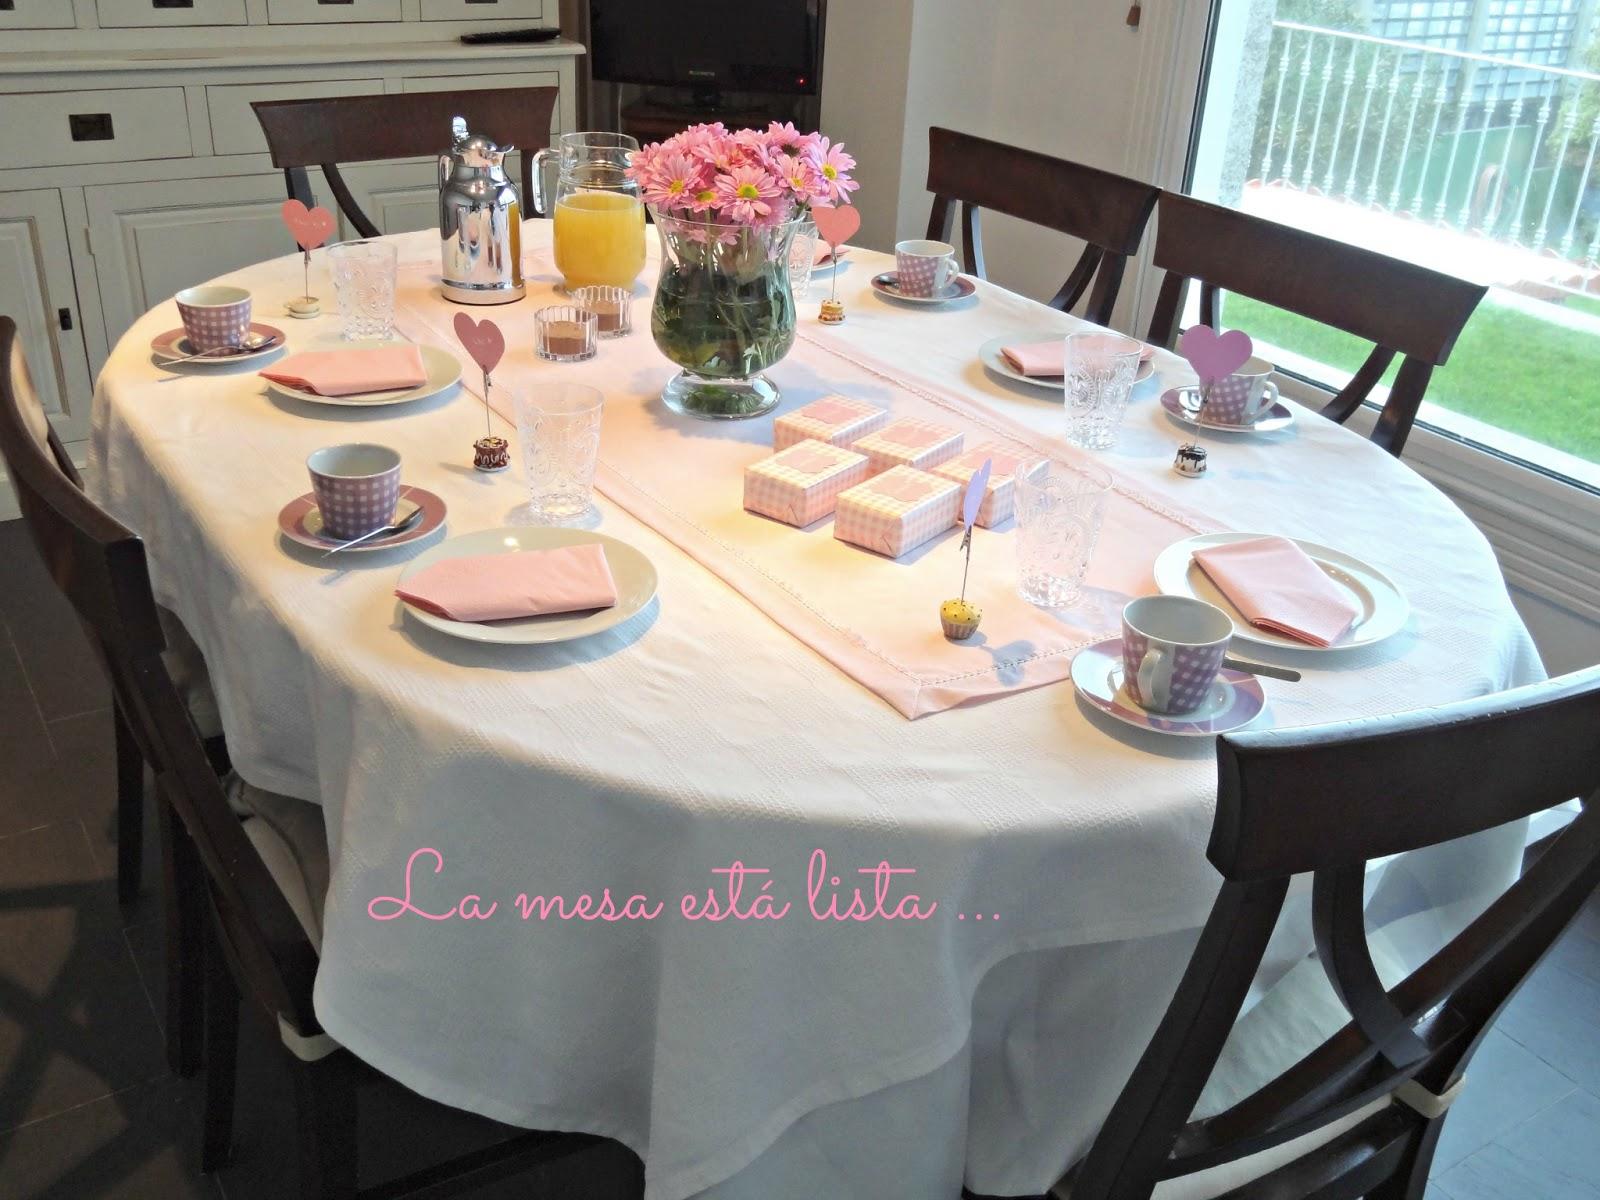 Celebra con ana compartiendo experiencias creativas for Mesa desayuno